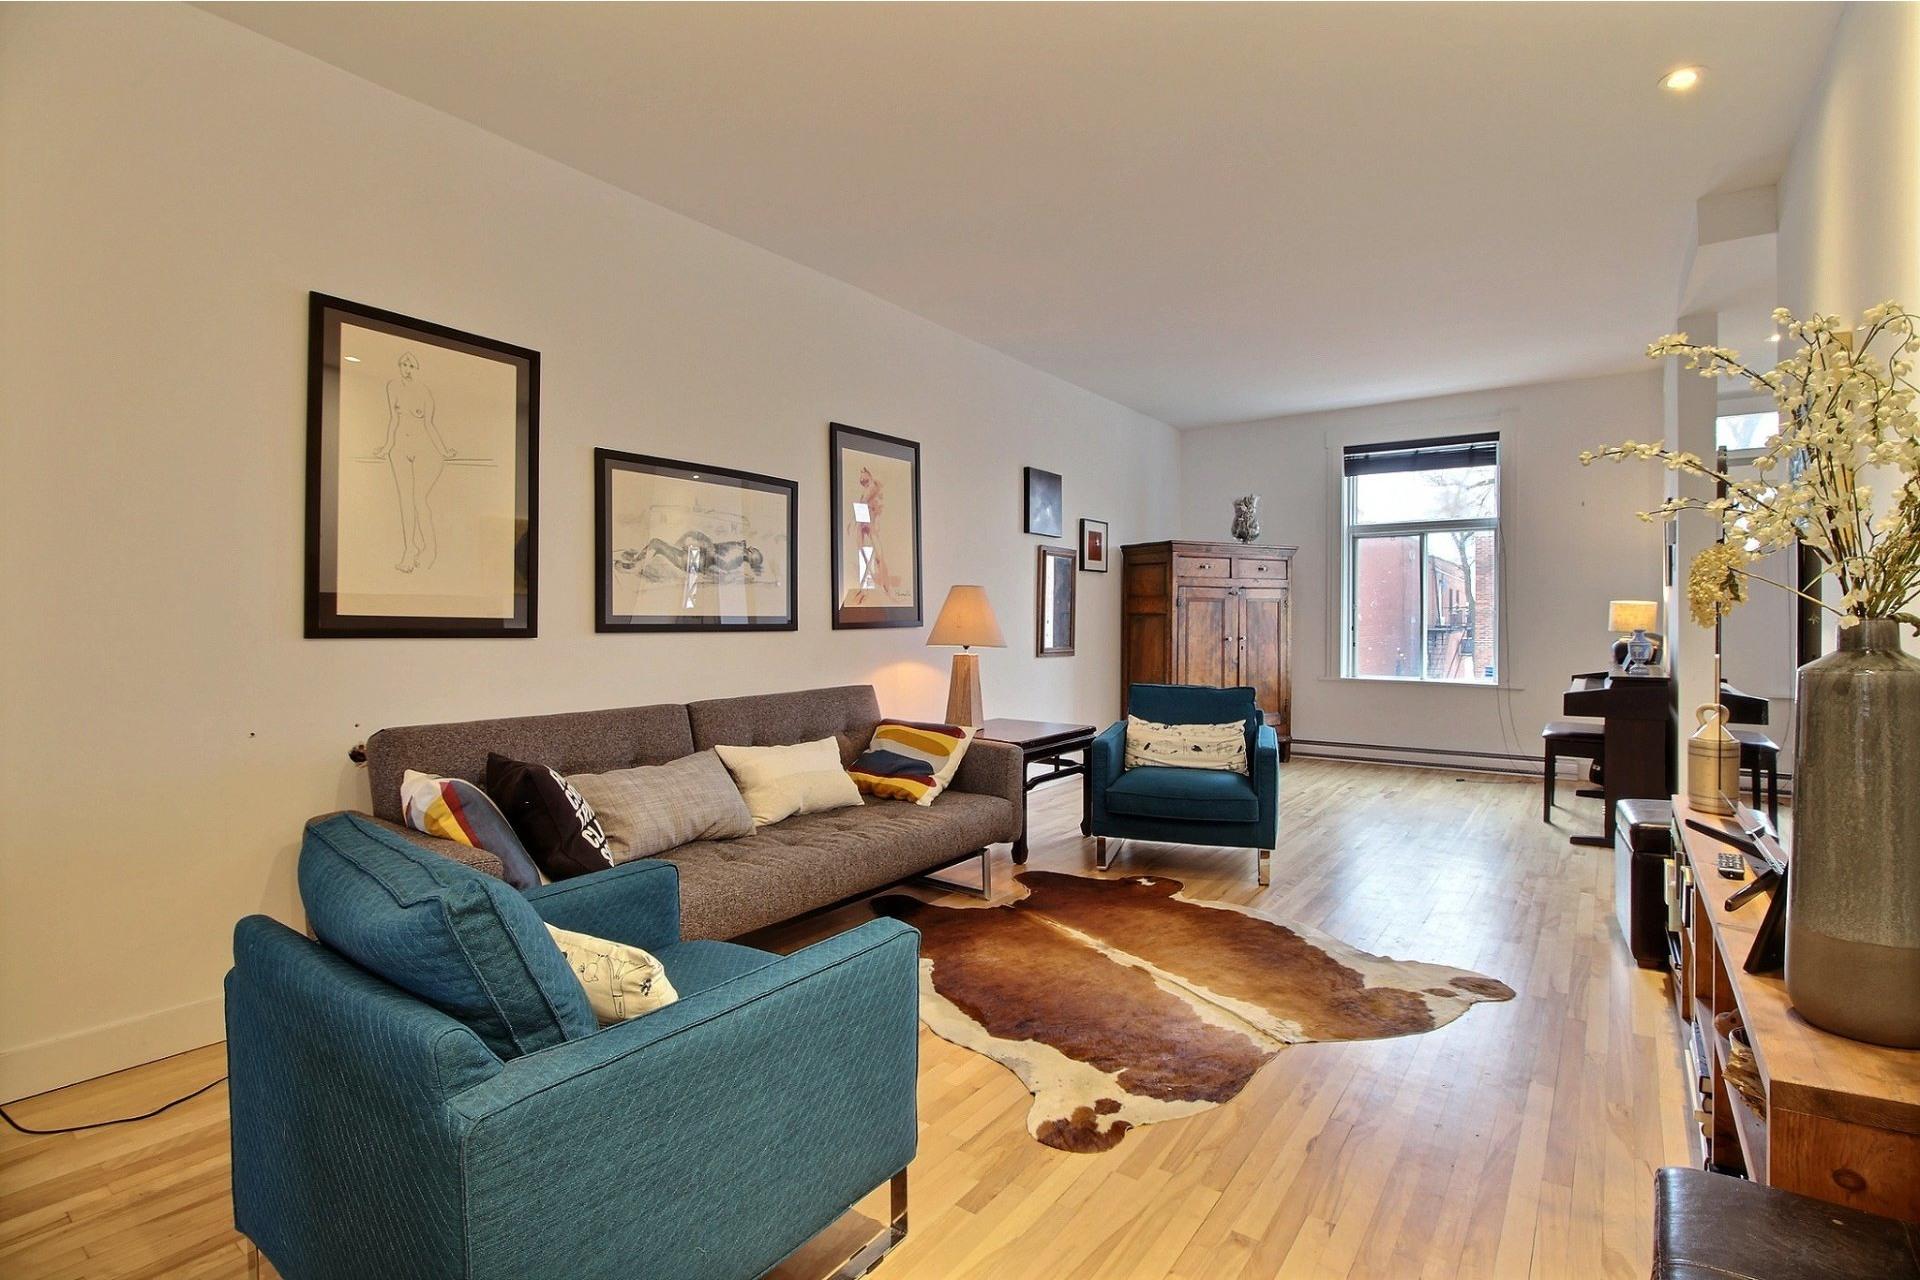 image 5 - Appartement À louer Montréal Ahuntsic-Cartierville  - 2 pièces